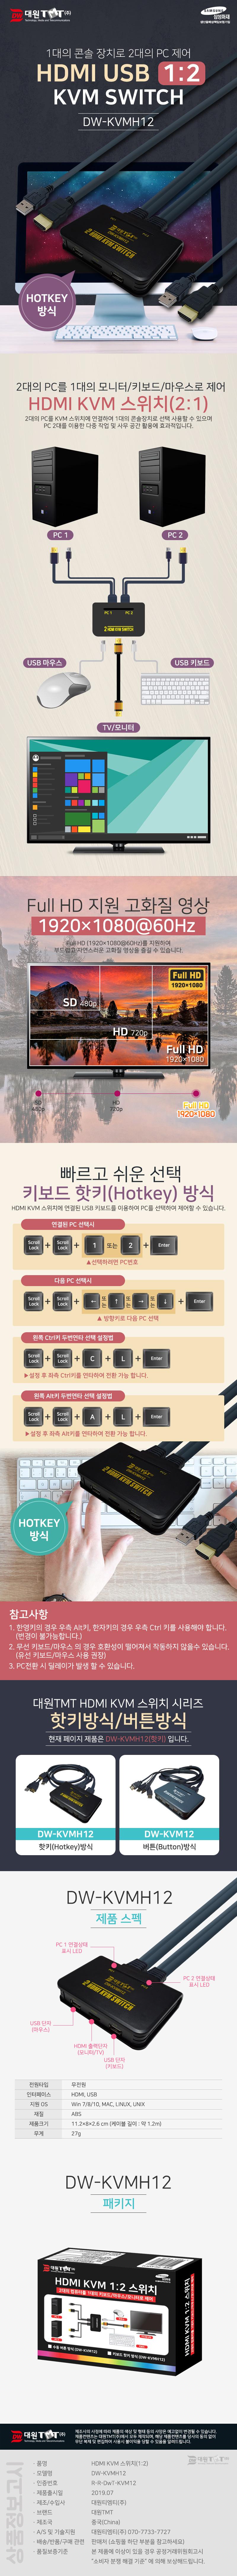 대원TMT  1:2 USB HDMI KVM 스위치 (DW-KVMH12)